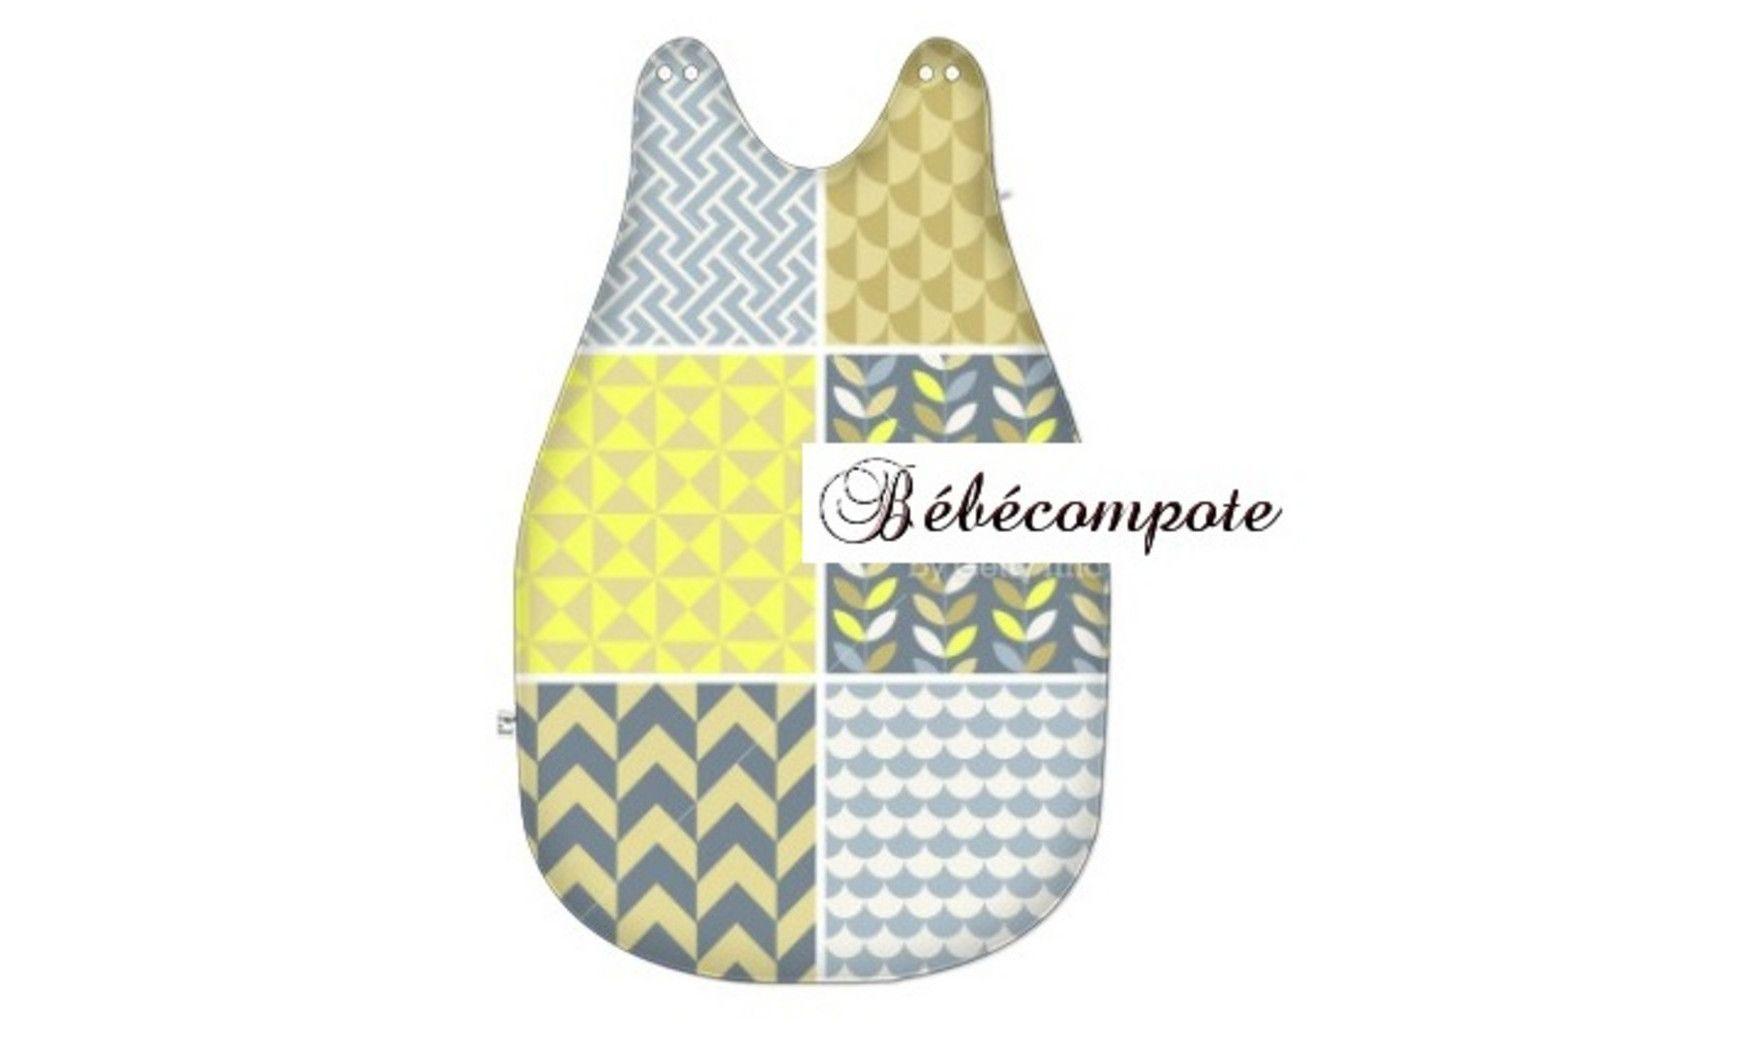 Tour De Lit Et Gigoteuse Fille Frais Gigoteuse Style Tissu Patchwork Cadeau Bebe Pote